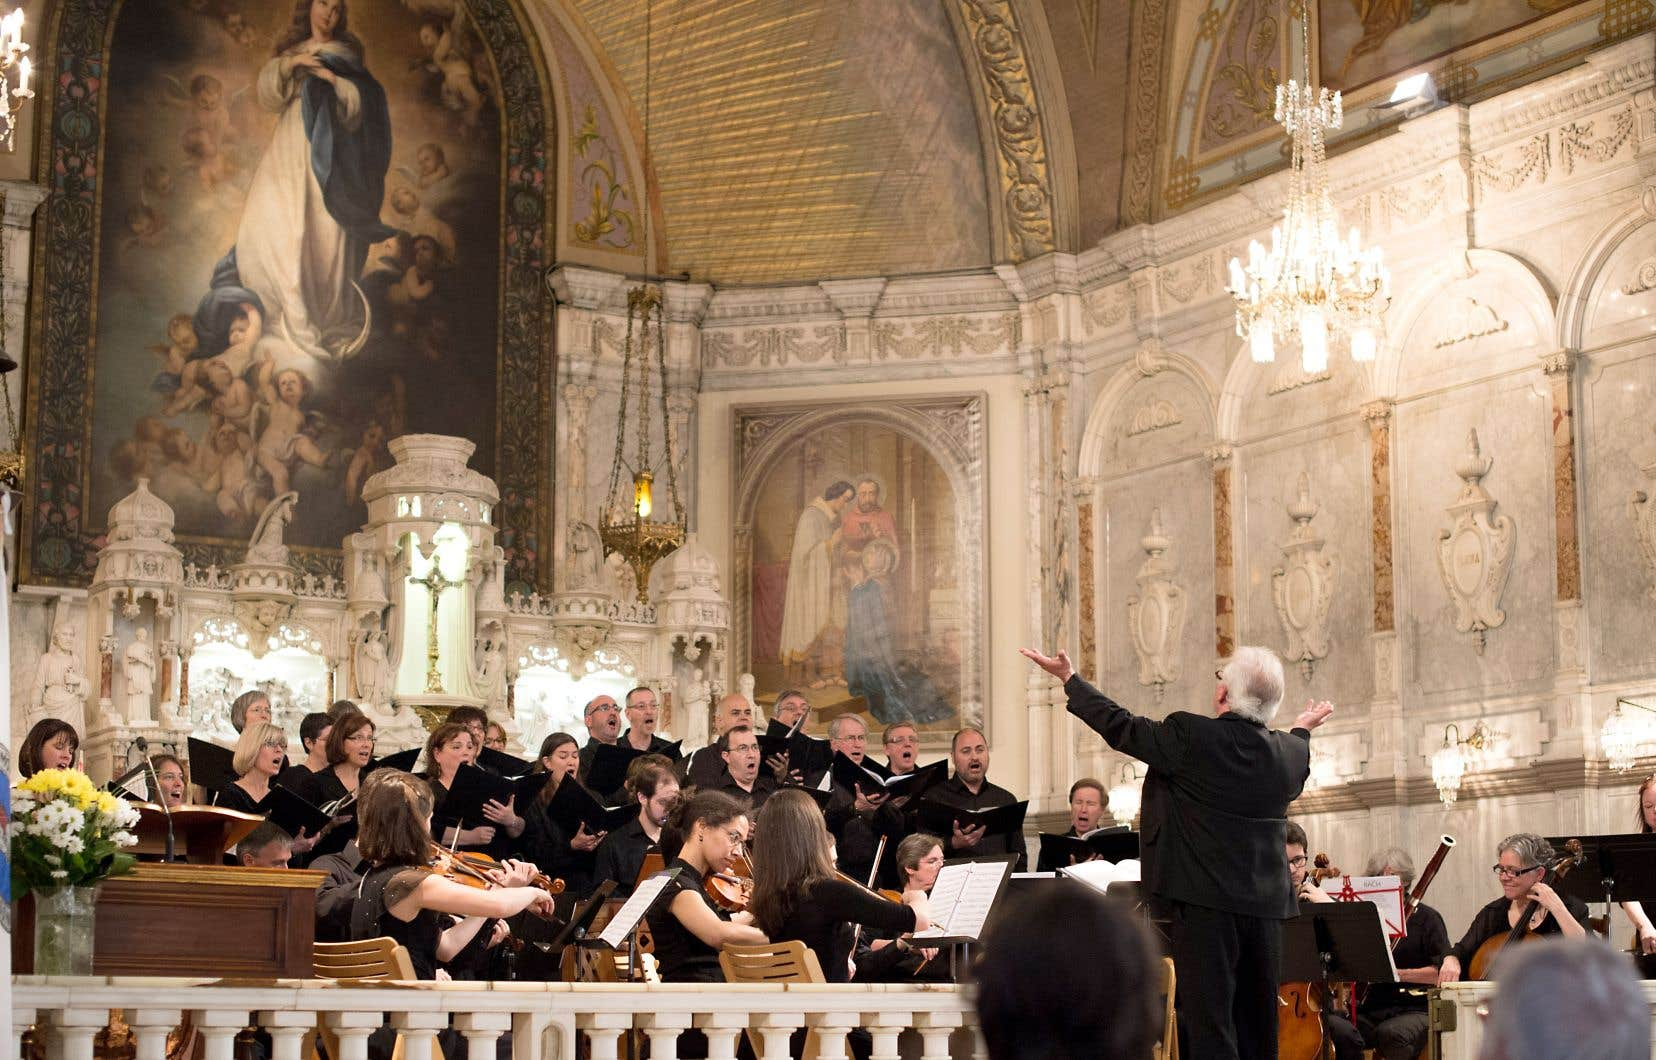 Pour inaugurer l'exposition «Jérusalem universelle», un concert de musique baroque sera donné, le 5décembre, par les musiciens de l'ensemble Vesuvius, sous la direction de Francesco Pellegrino.